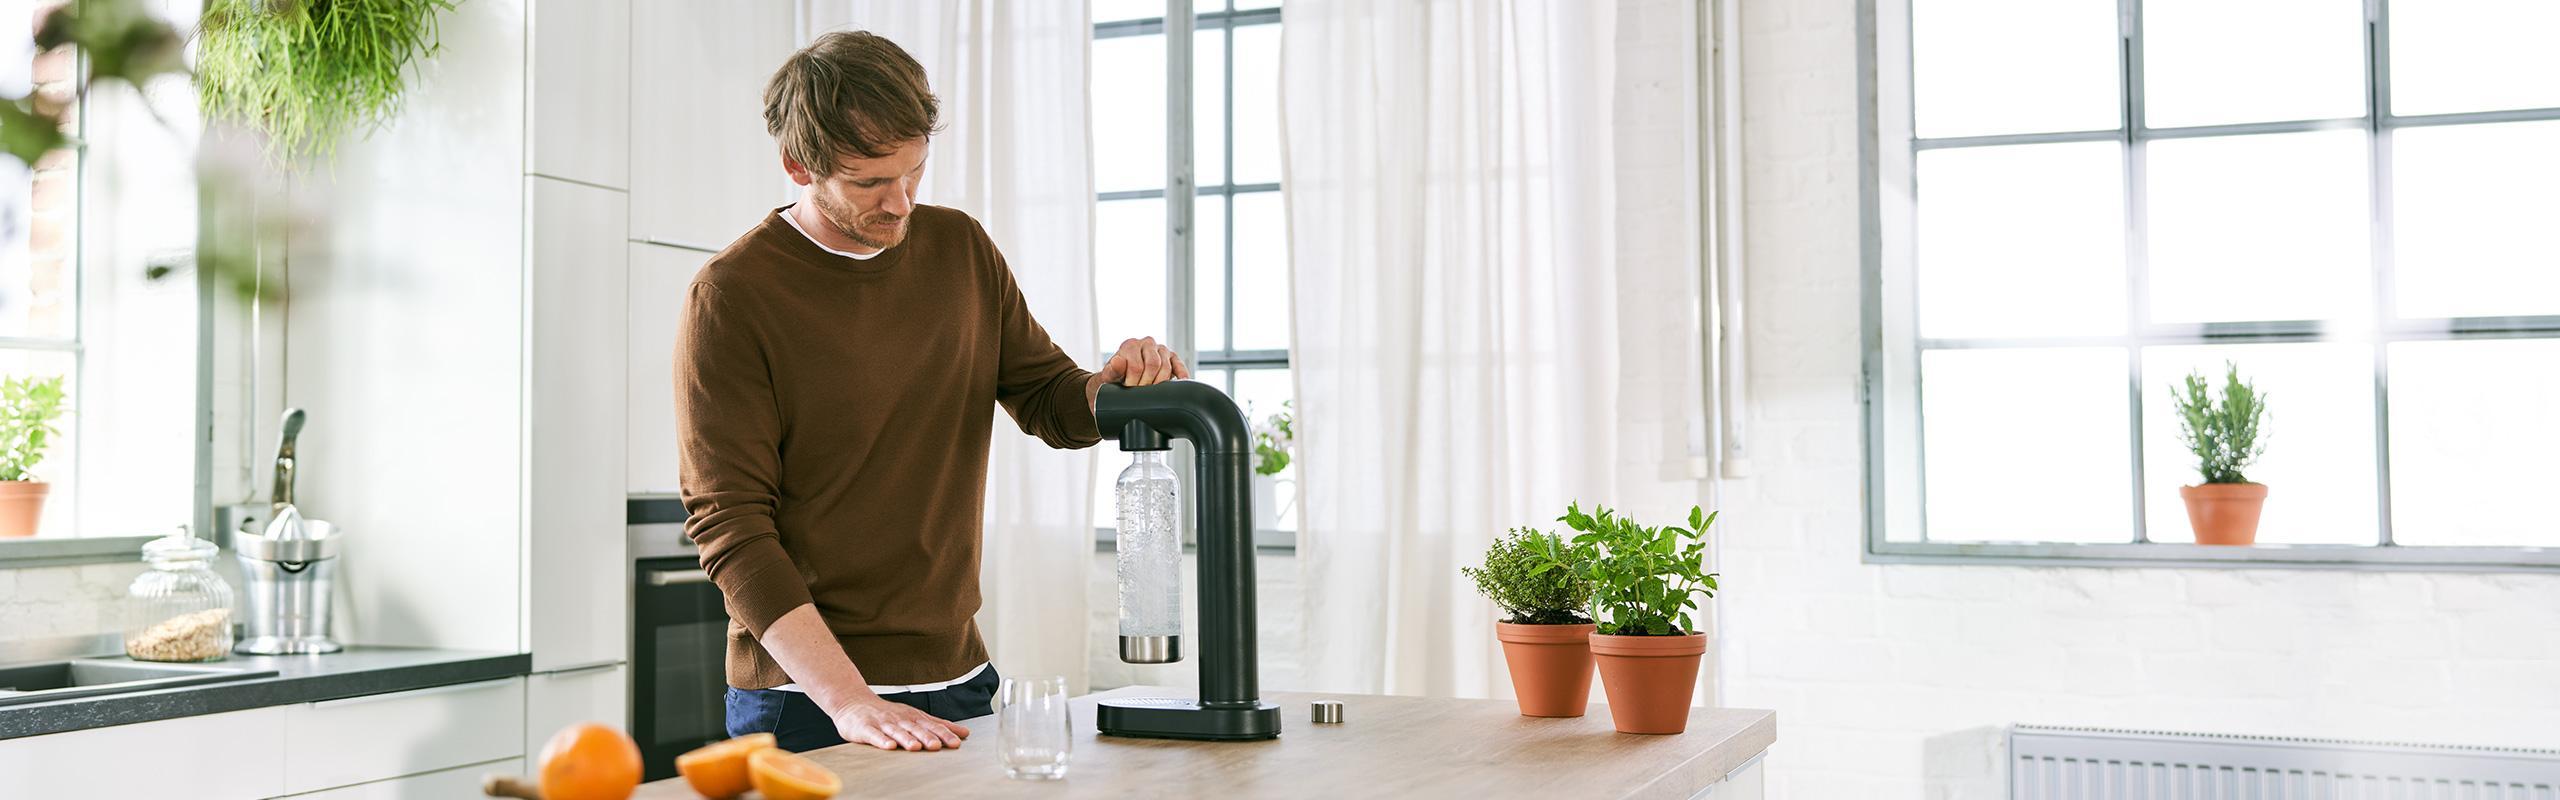 Mann in Küche mit BRITA Wassersprudler sodaONE